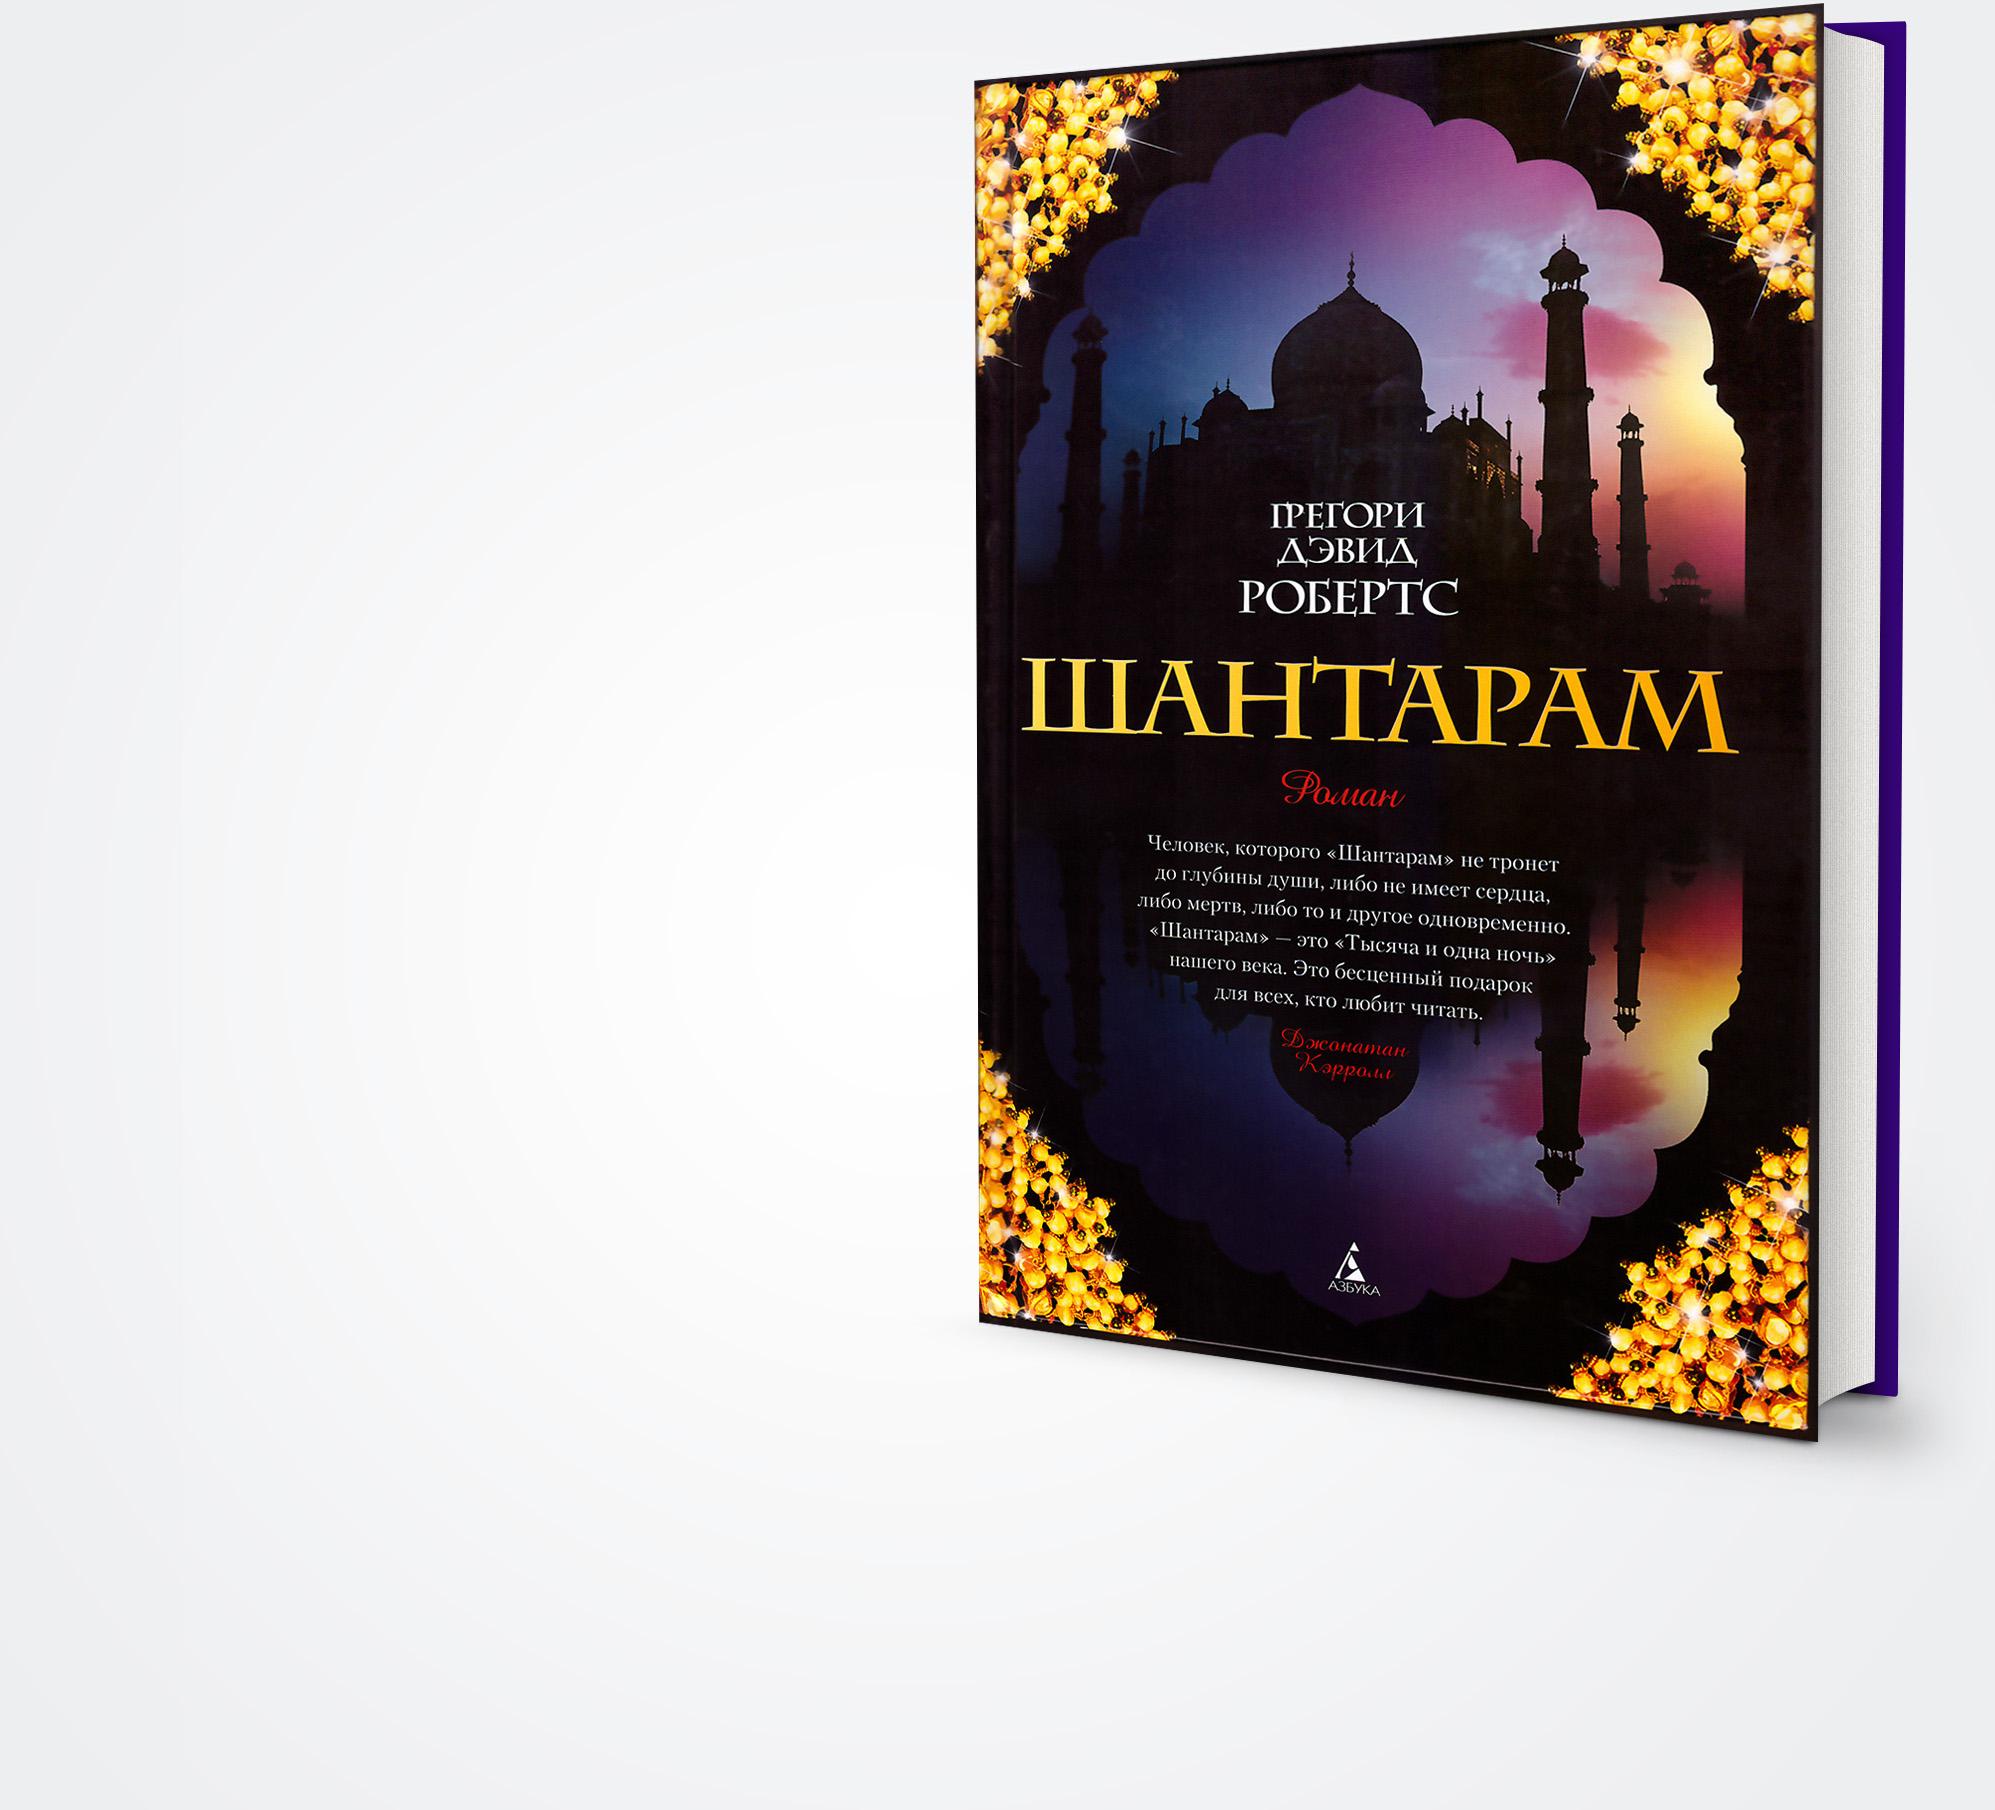 Скачать бесплатно книгу шантарам в формате